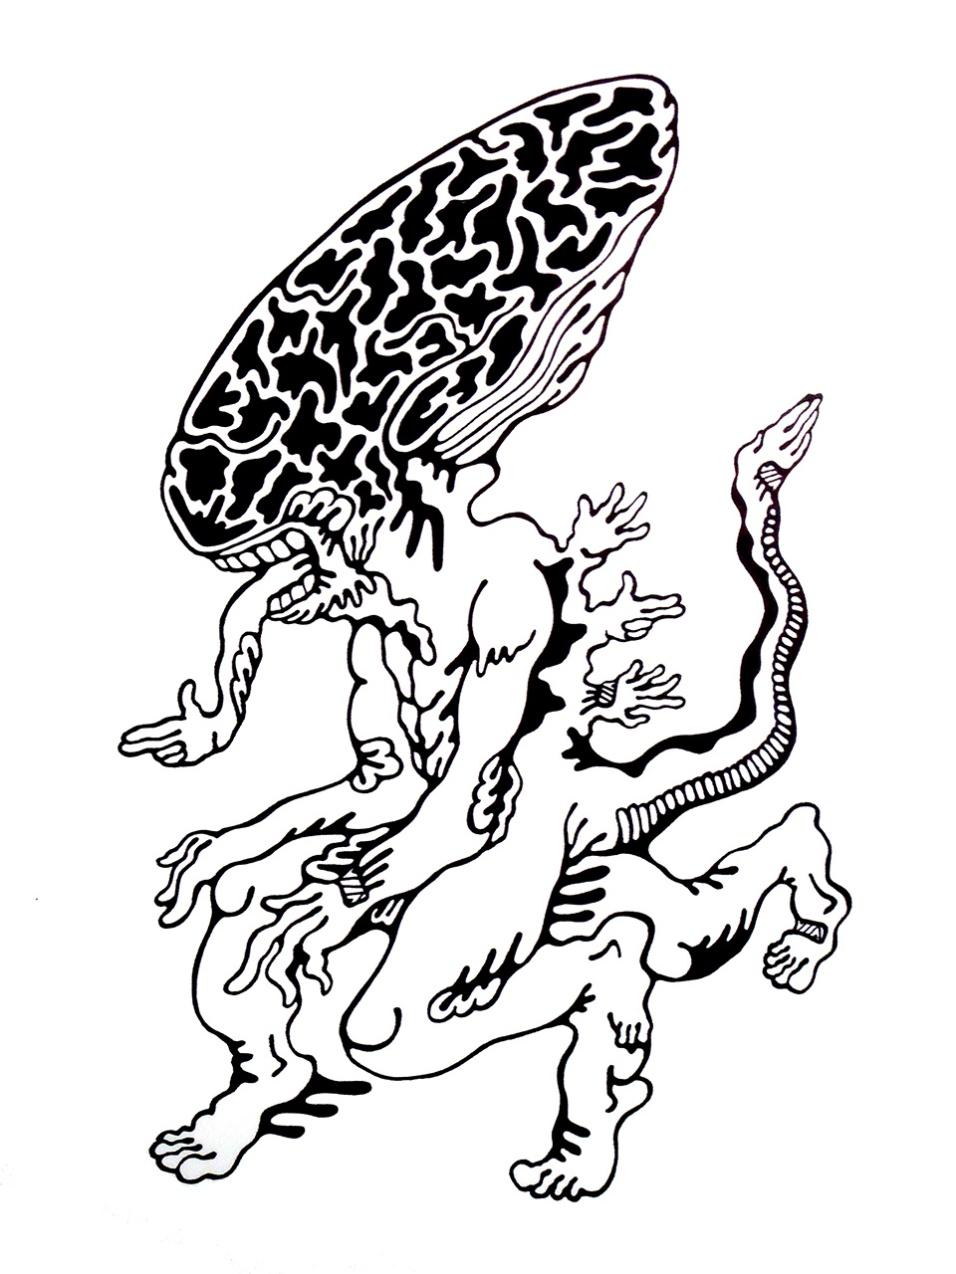 Gabriel Tiongson Alien ink on paper © 2011